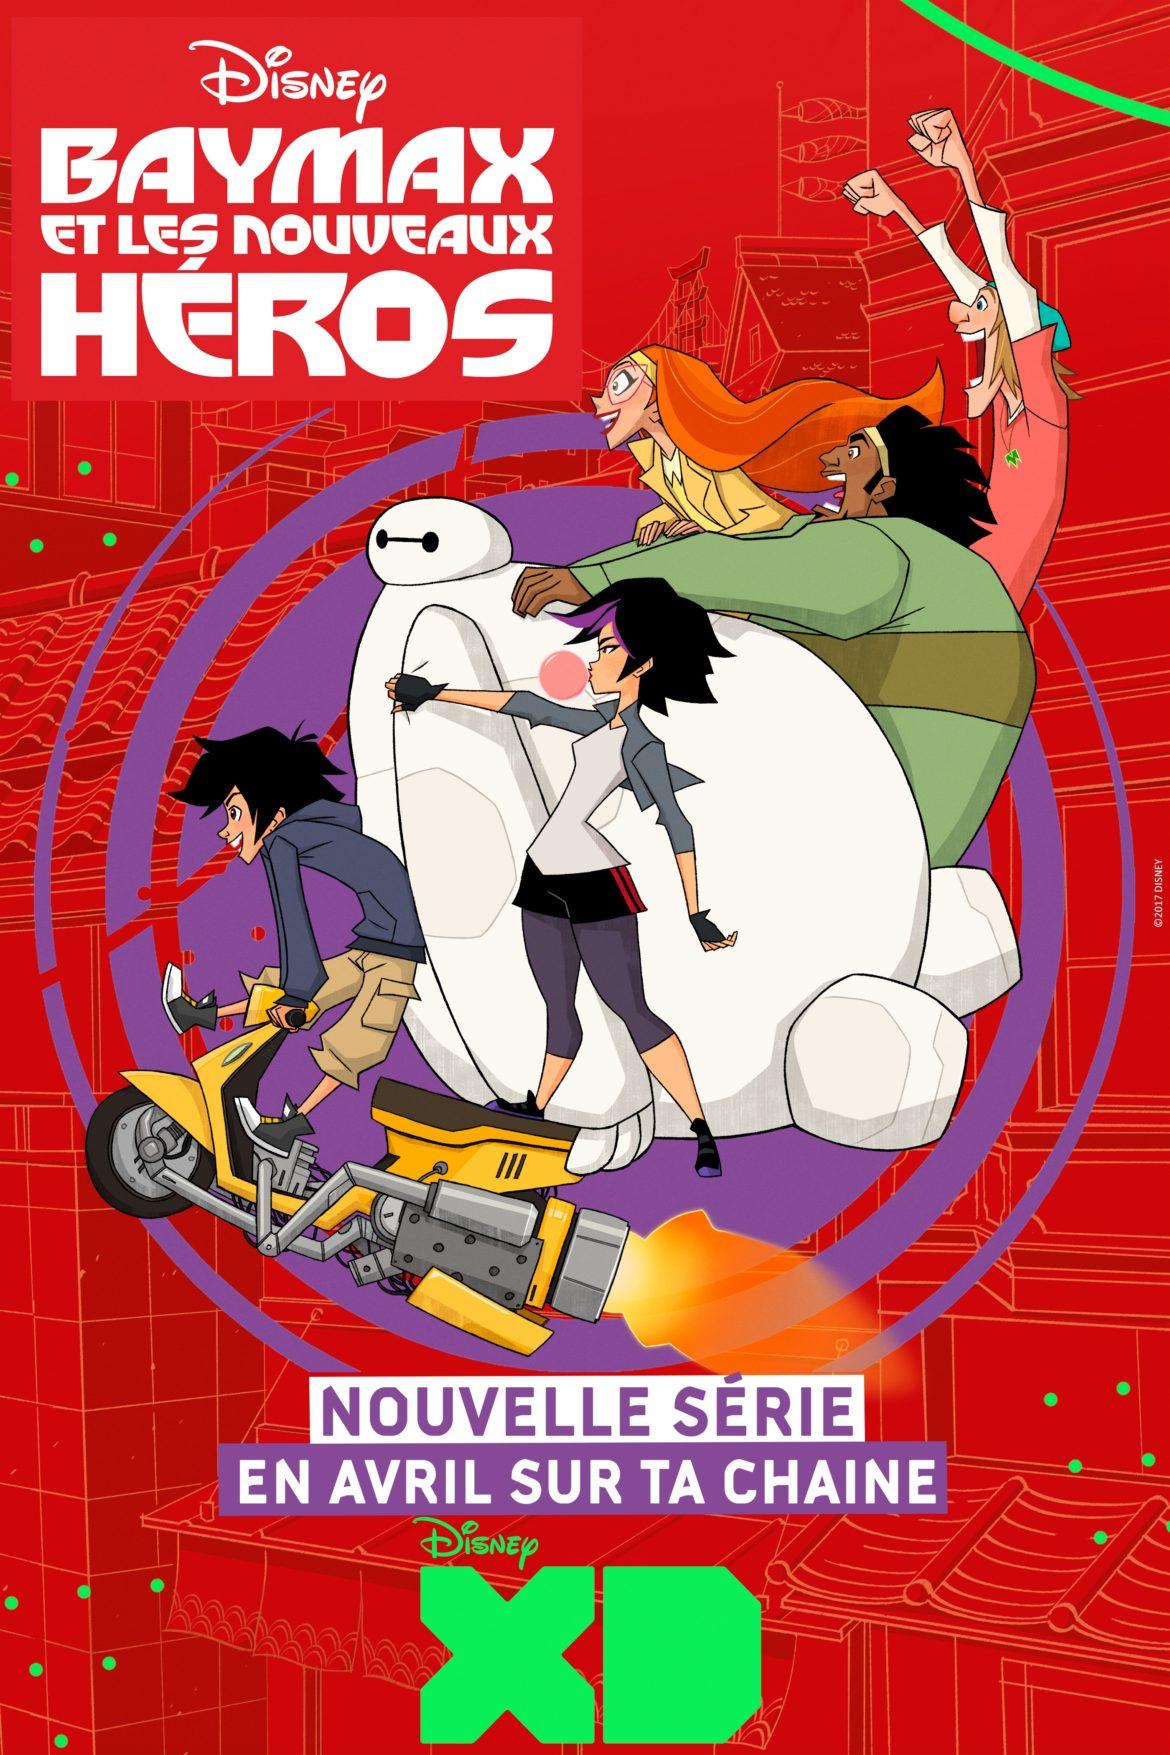 affiche-baymax-et-les-nouveaux-heros